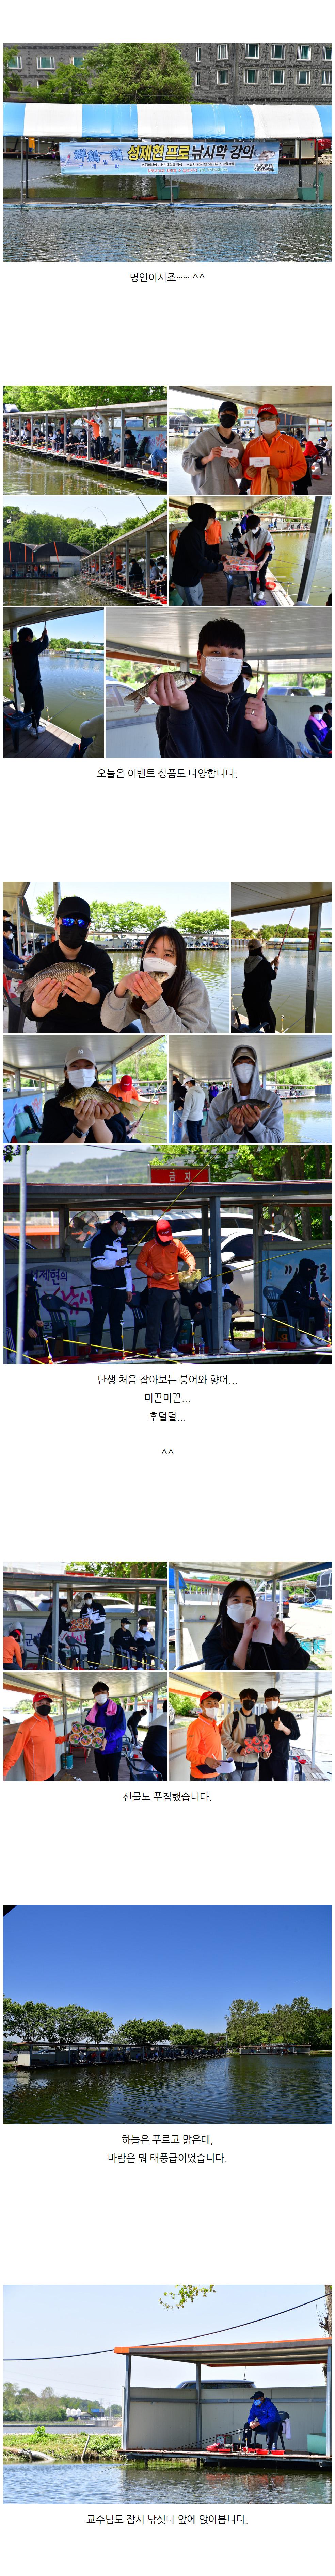 군계일학 성제현대표 경기대 낚시학 강의 - 06.jpg